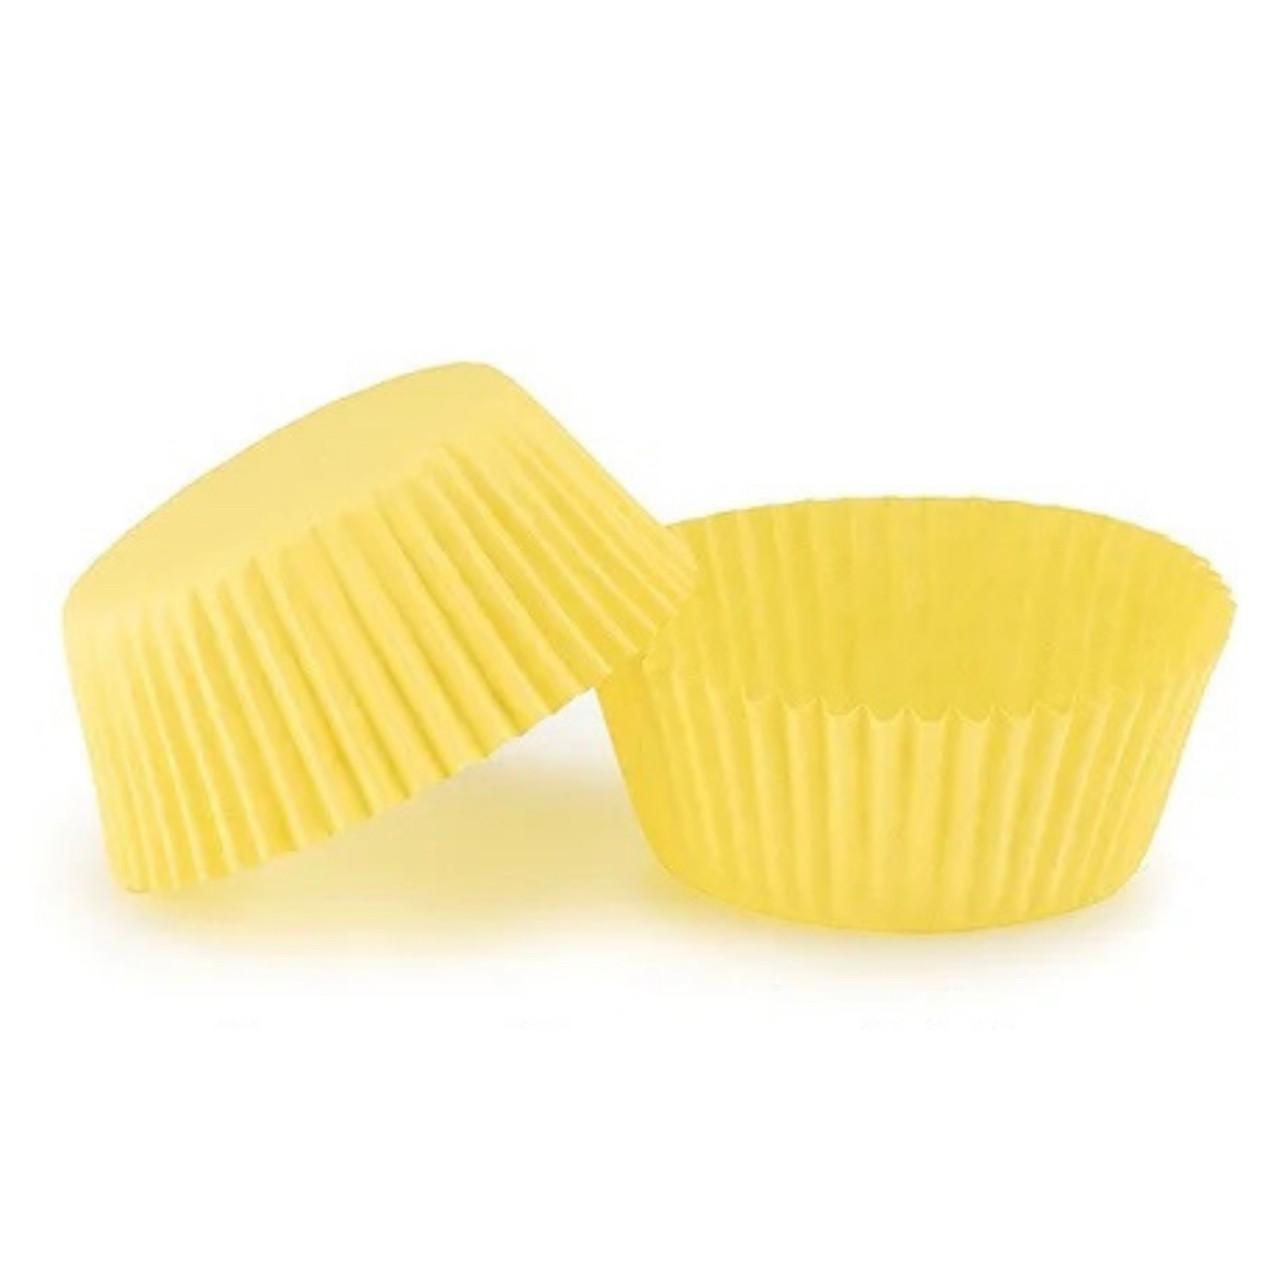 Бумажные формы для кексов 50х30 мм, желтые